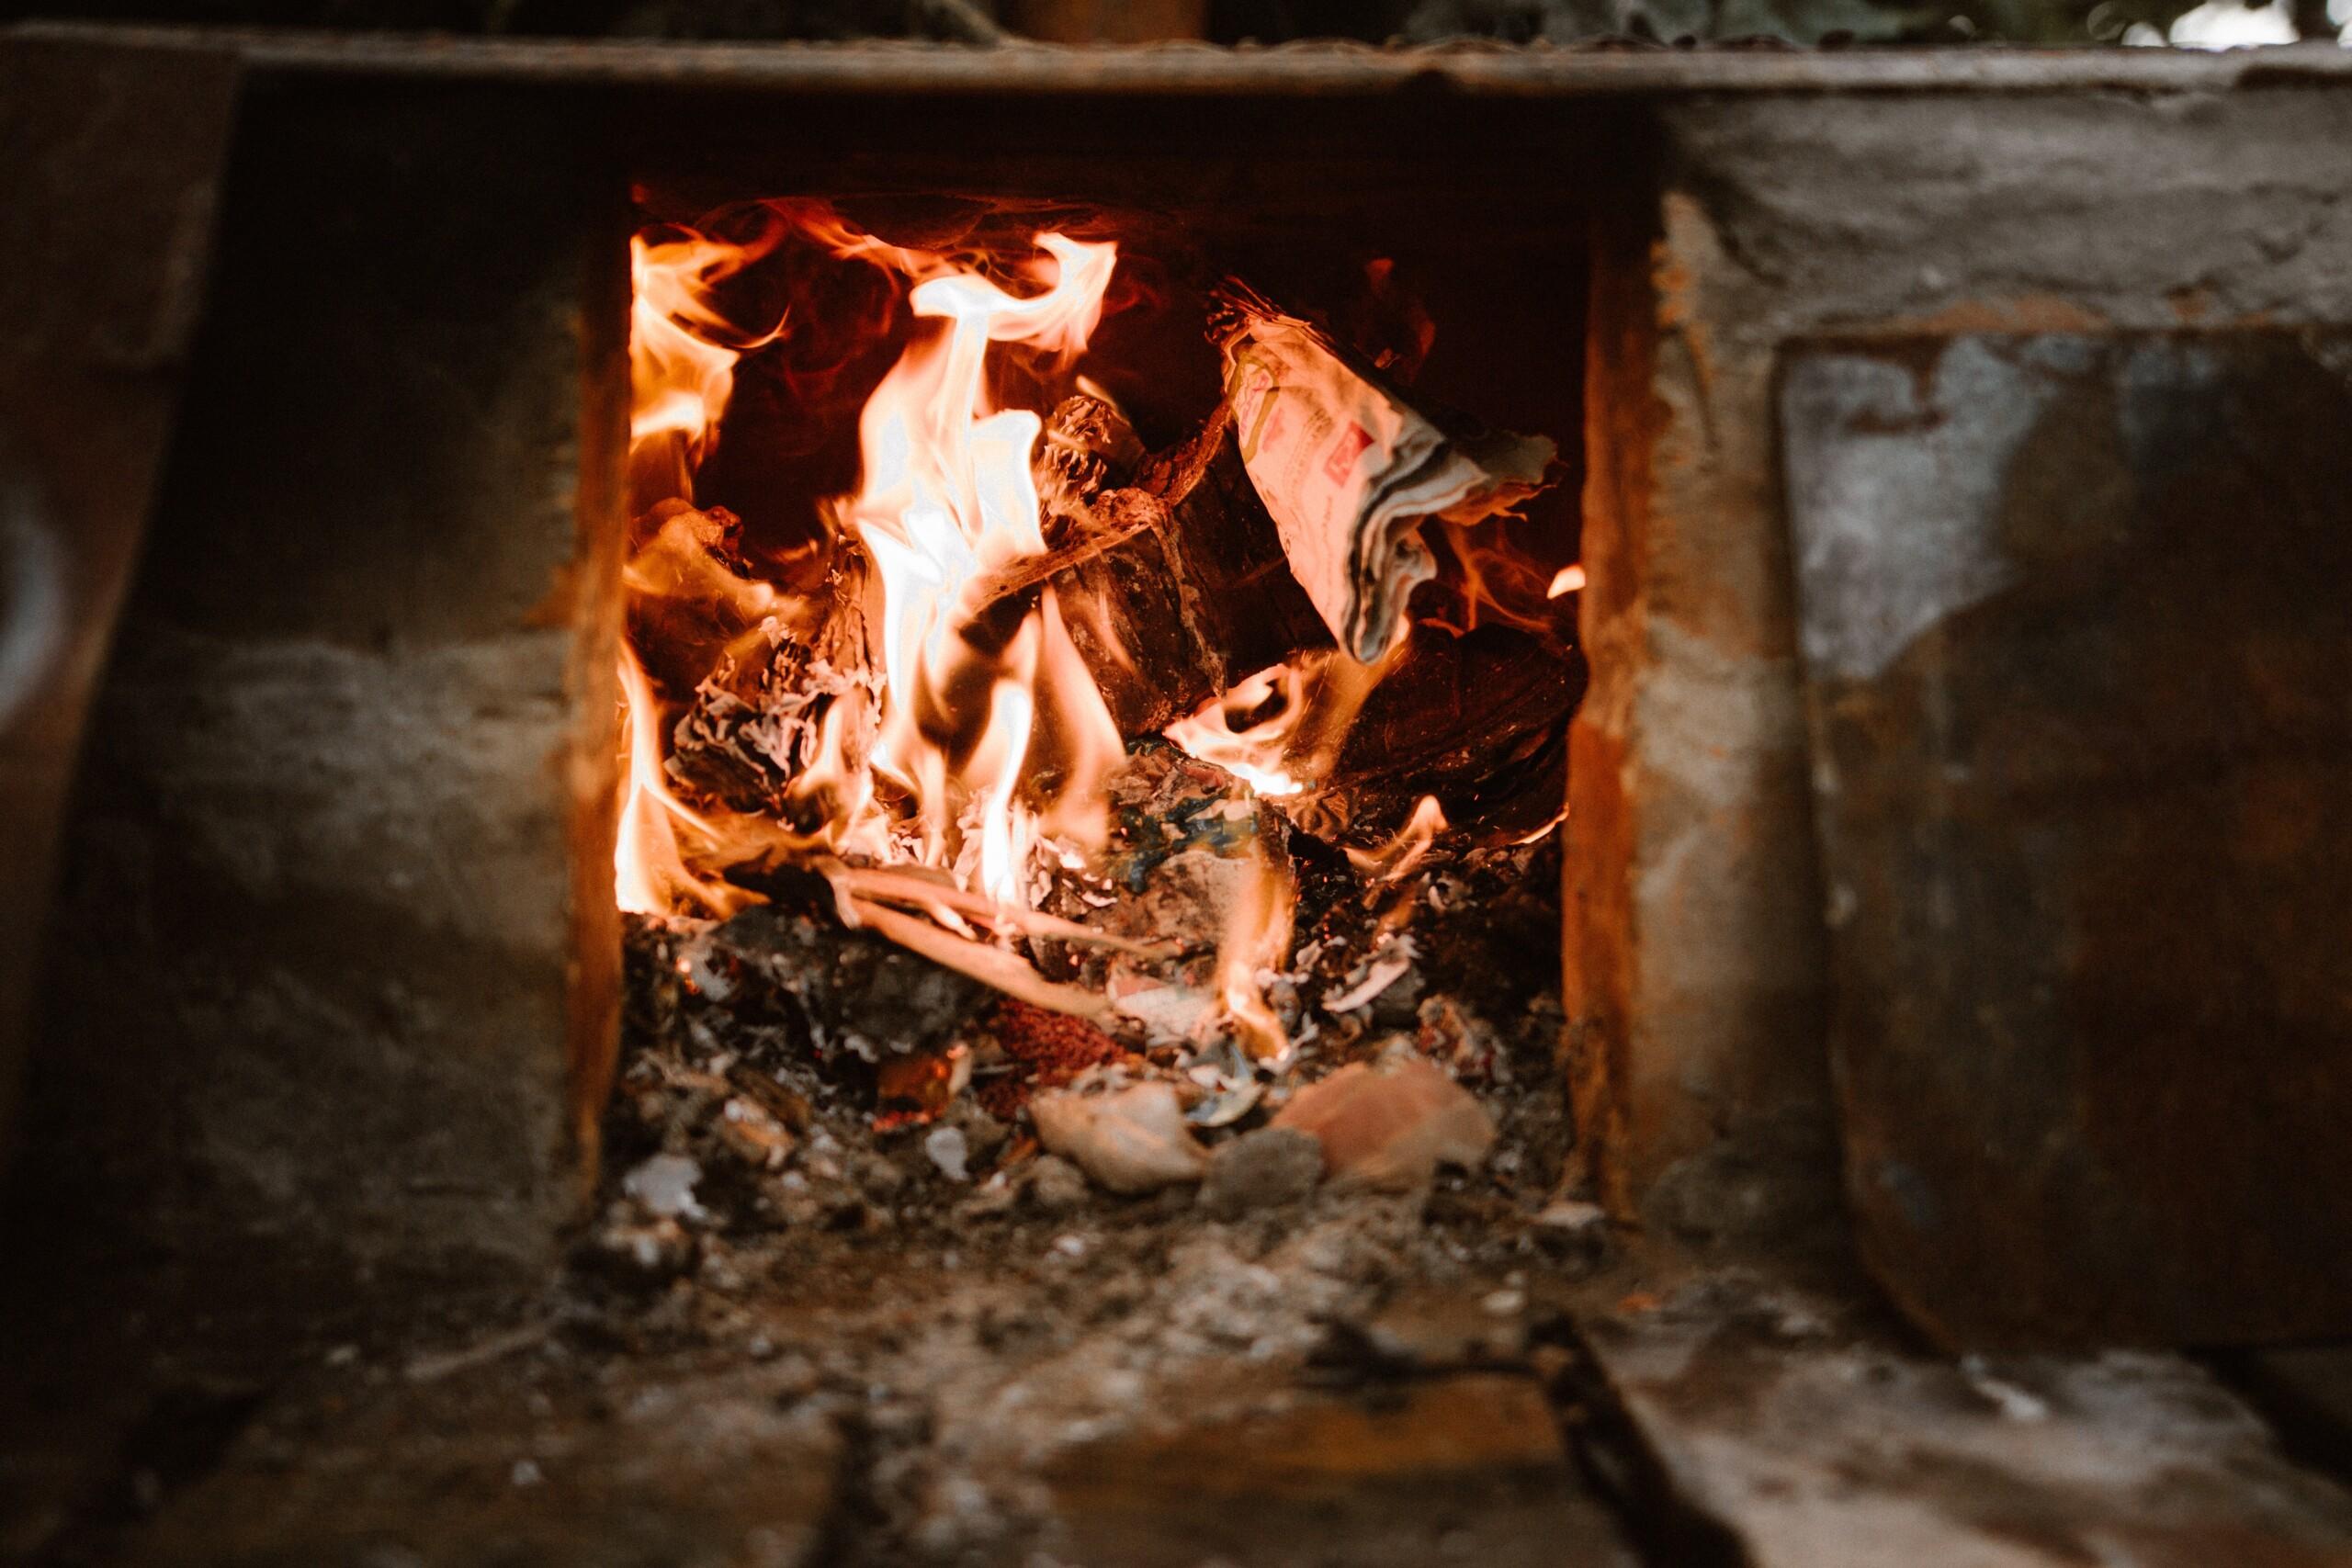 Posem la llar de foc apunt per l'hivern